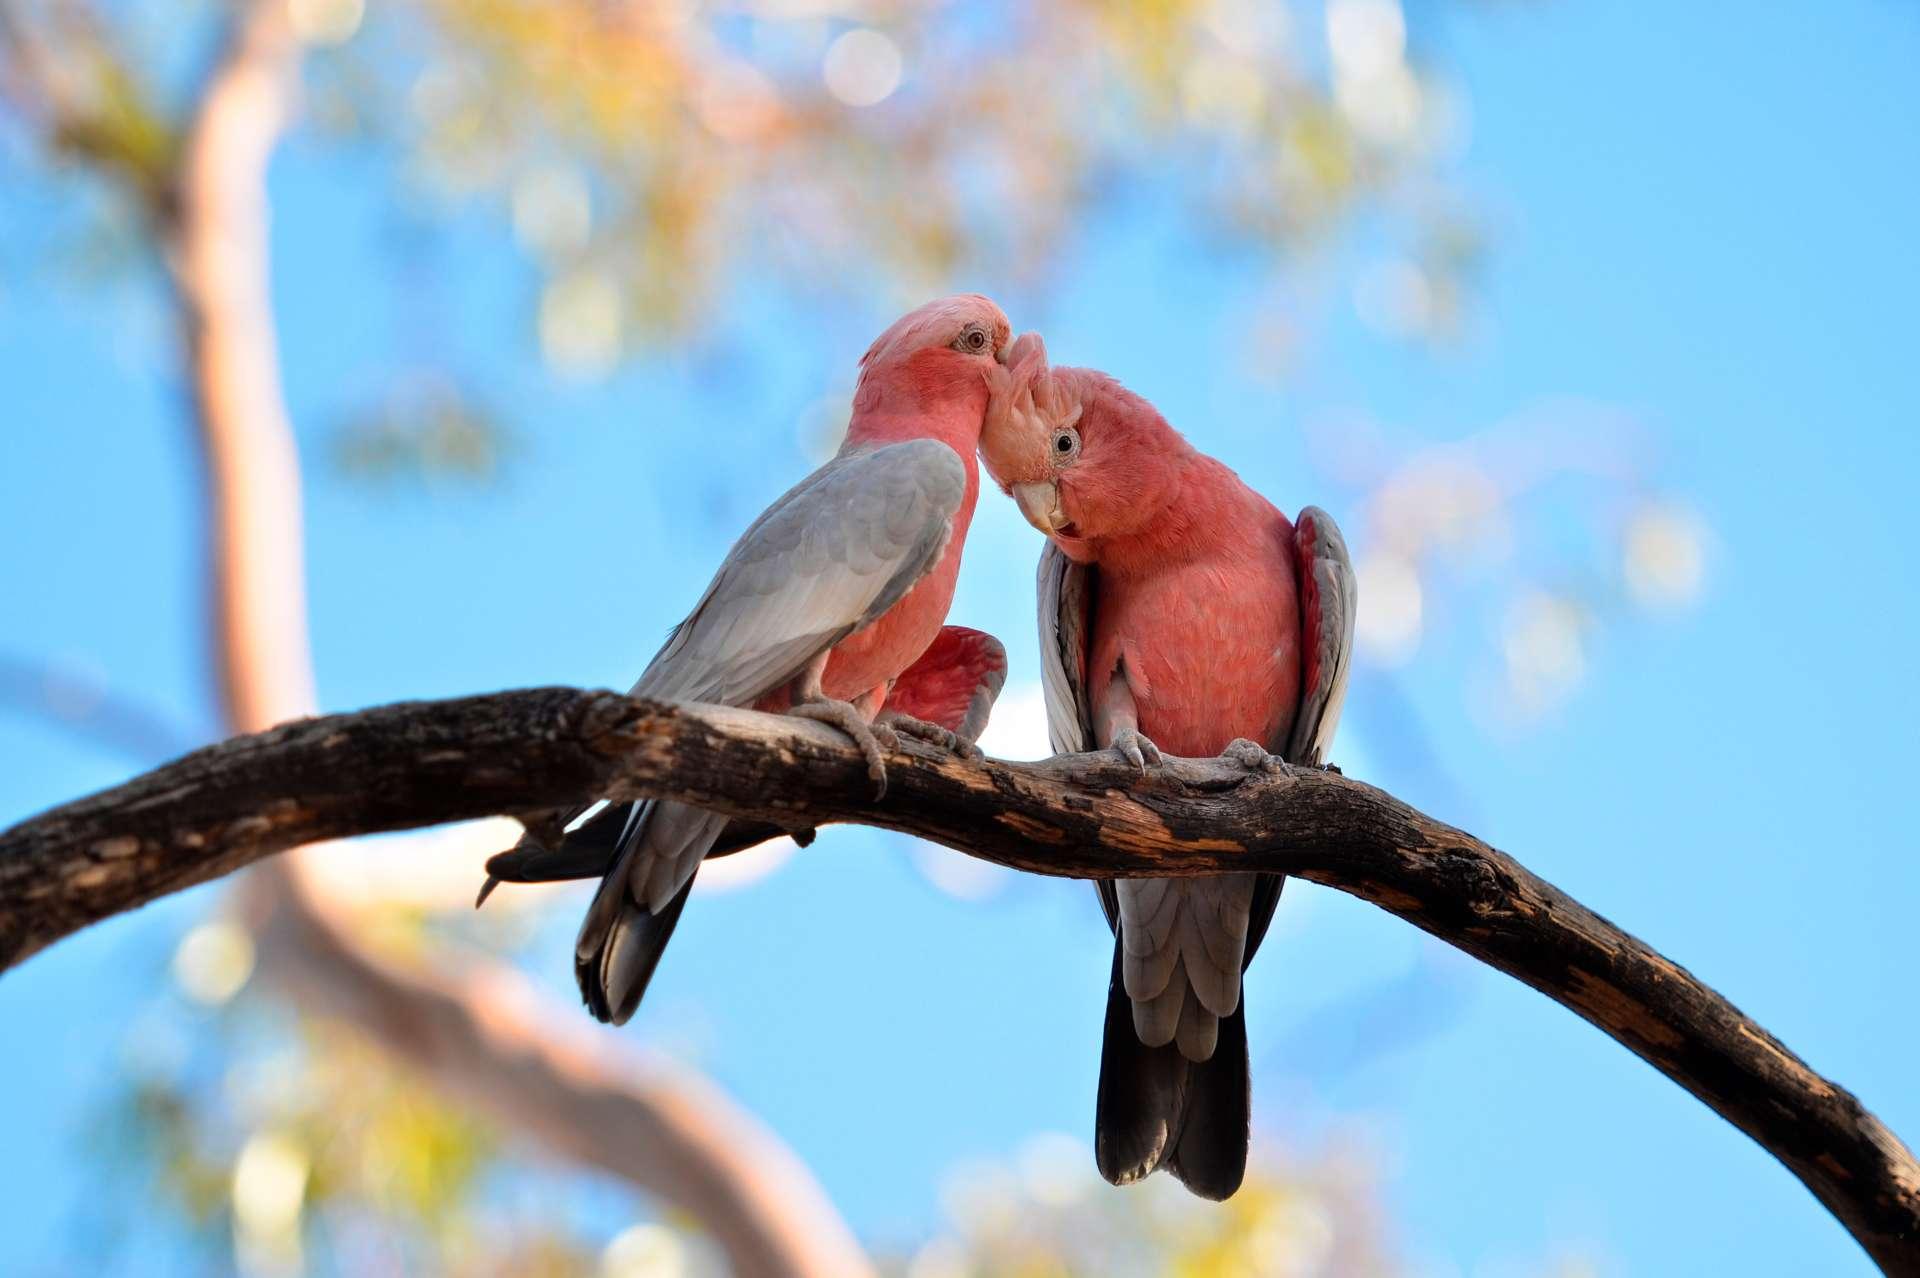 twee papegaaien liefkozend altijd samen